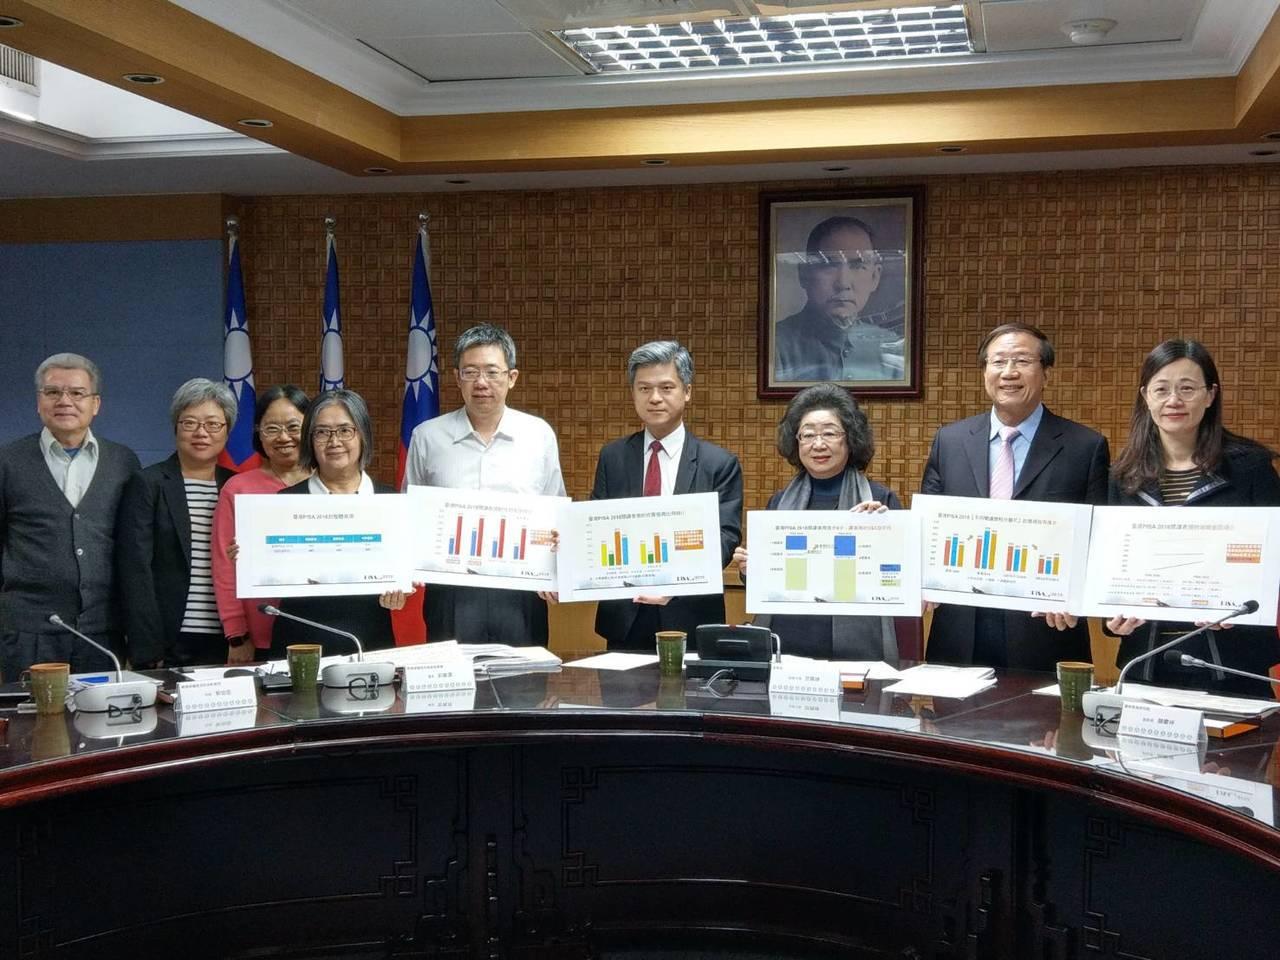 教育部次長范巽綠(右三)下午主持台灣PISA 2018成果發表記者會。記者張錦弘...